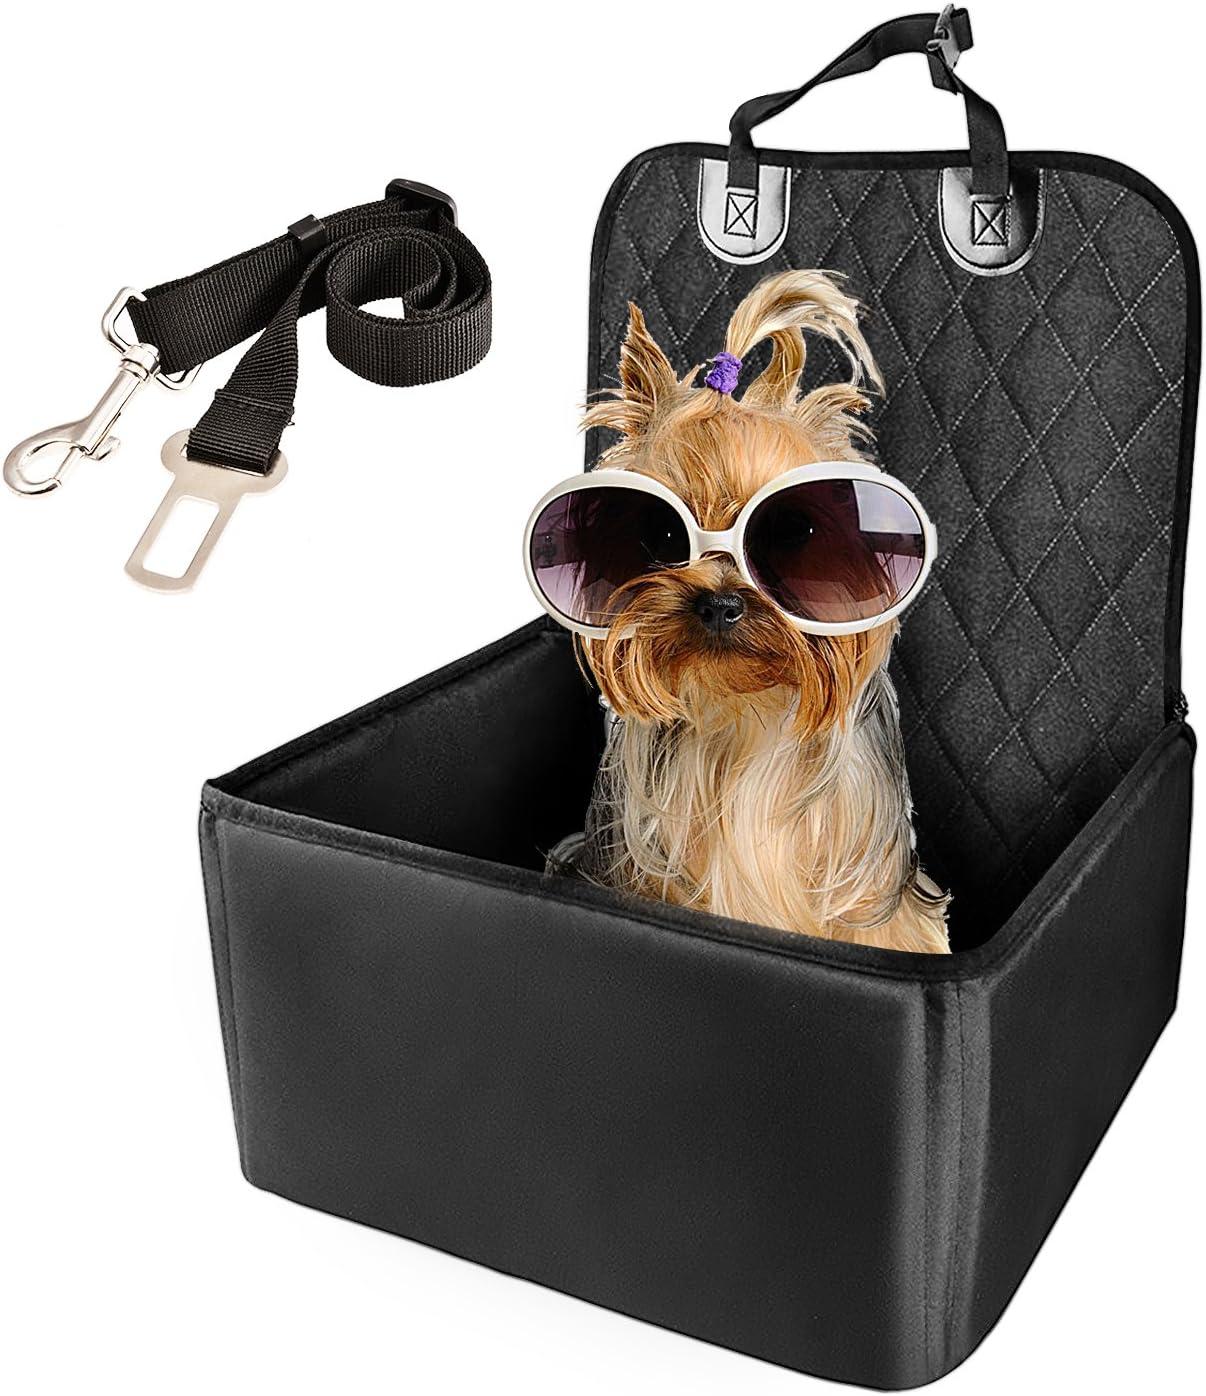 WZTO Protector de Coche para Perro, Asiento de Perro Impermeable Cubierta Antideslizante Durable Protector de Mascotas de Estilo Hamaca Universal con Cinturón de Seguridad